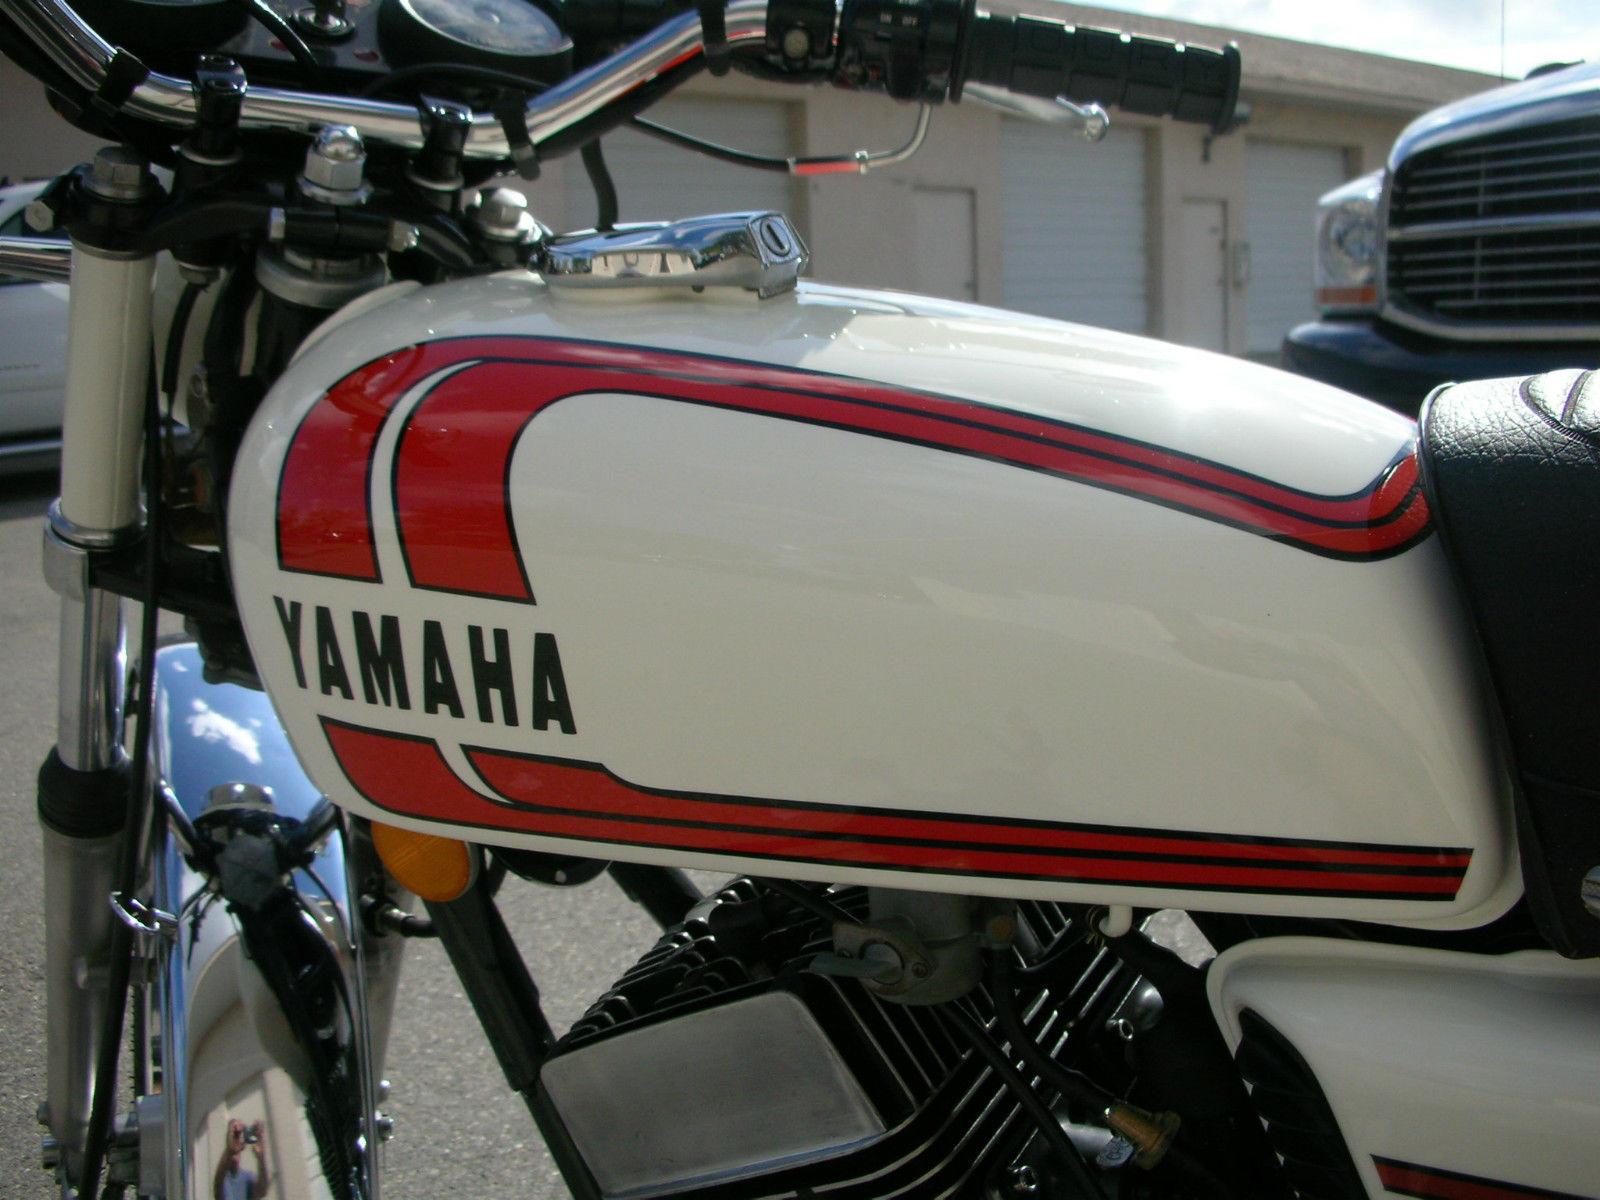 Yamaha RD250B - 1975 - Petrol Tank Decals.